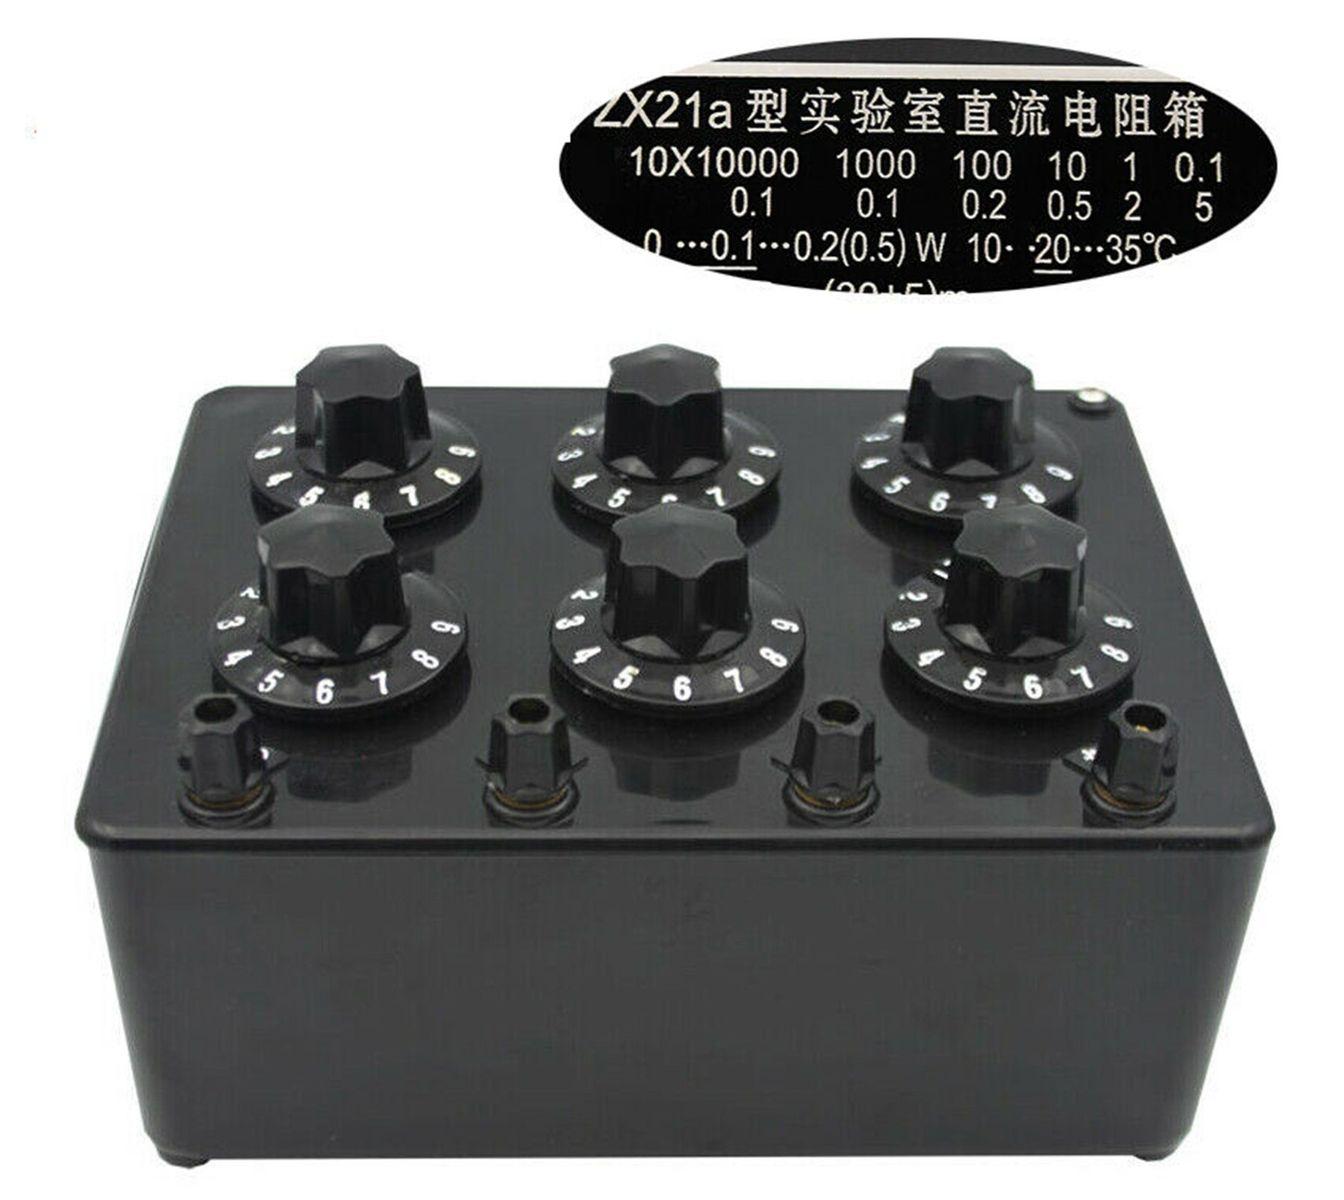 激安通販の ZX21A 精密ダイヤル式可変抵抗器 0.1Ω〜100KΩ 精度 0.1%, 布団マットレス専門店ねごこち本舗 6425bcf7